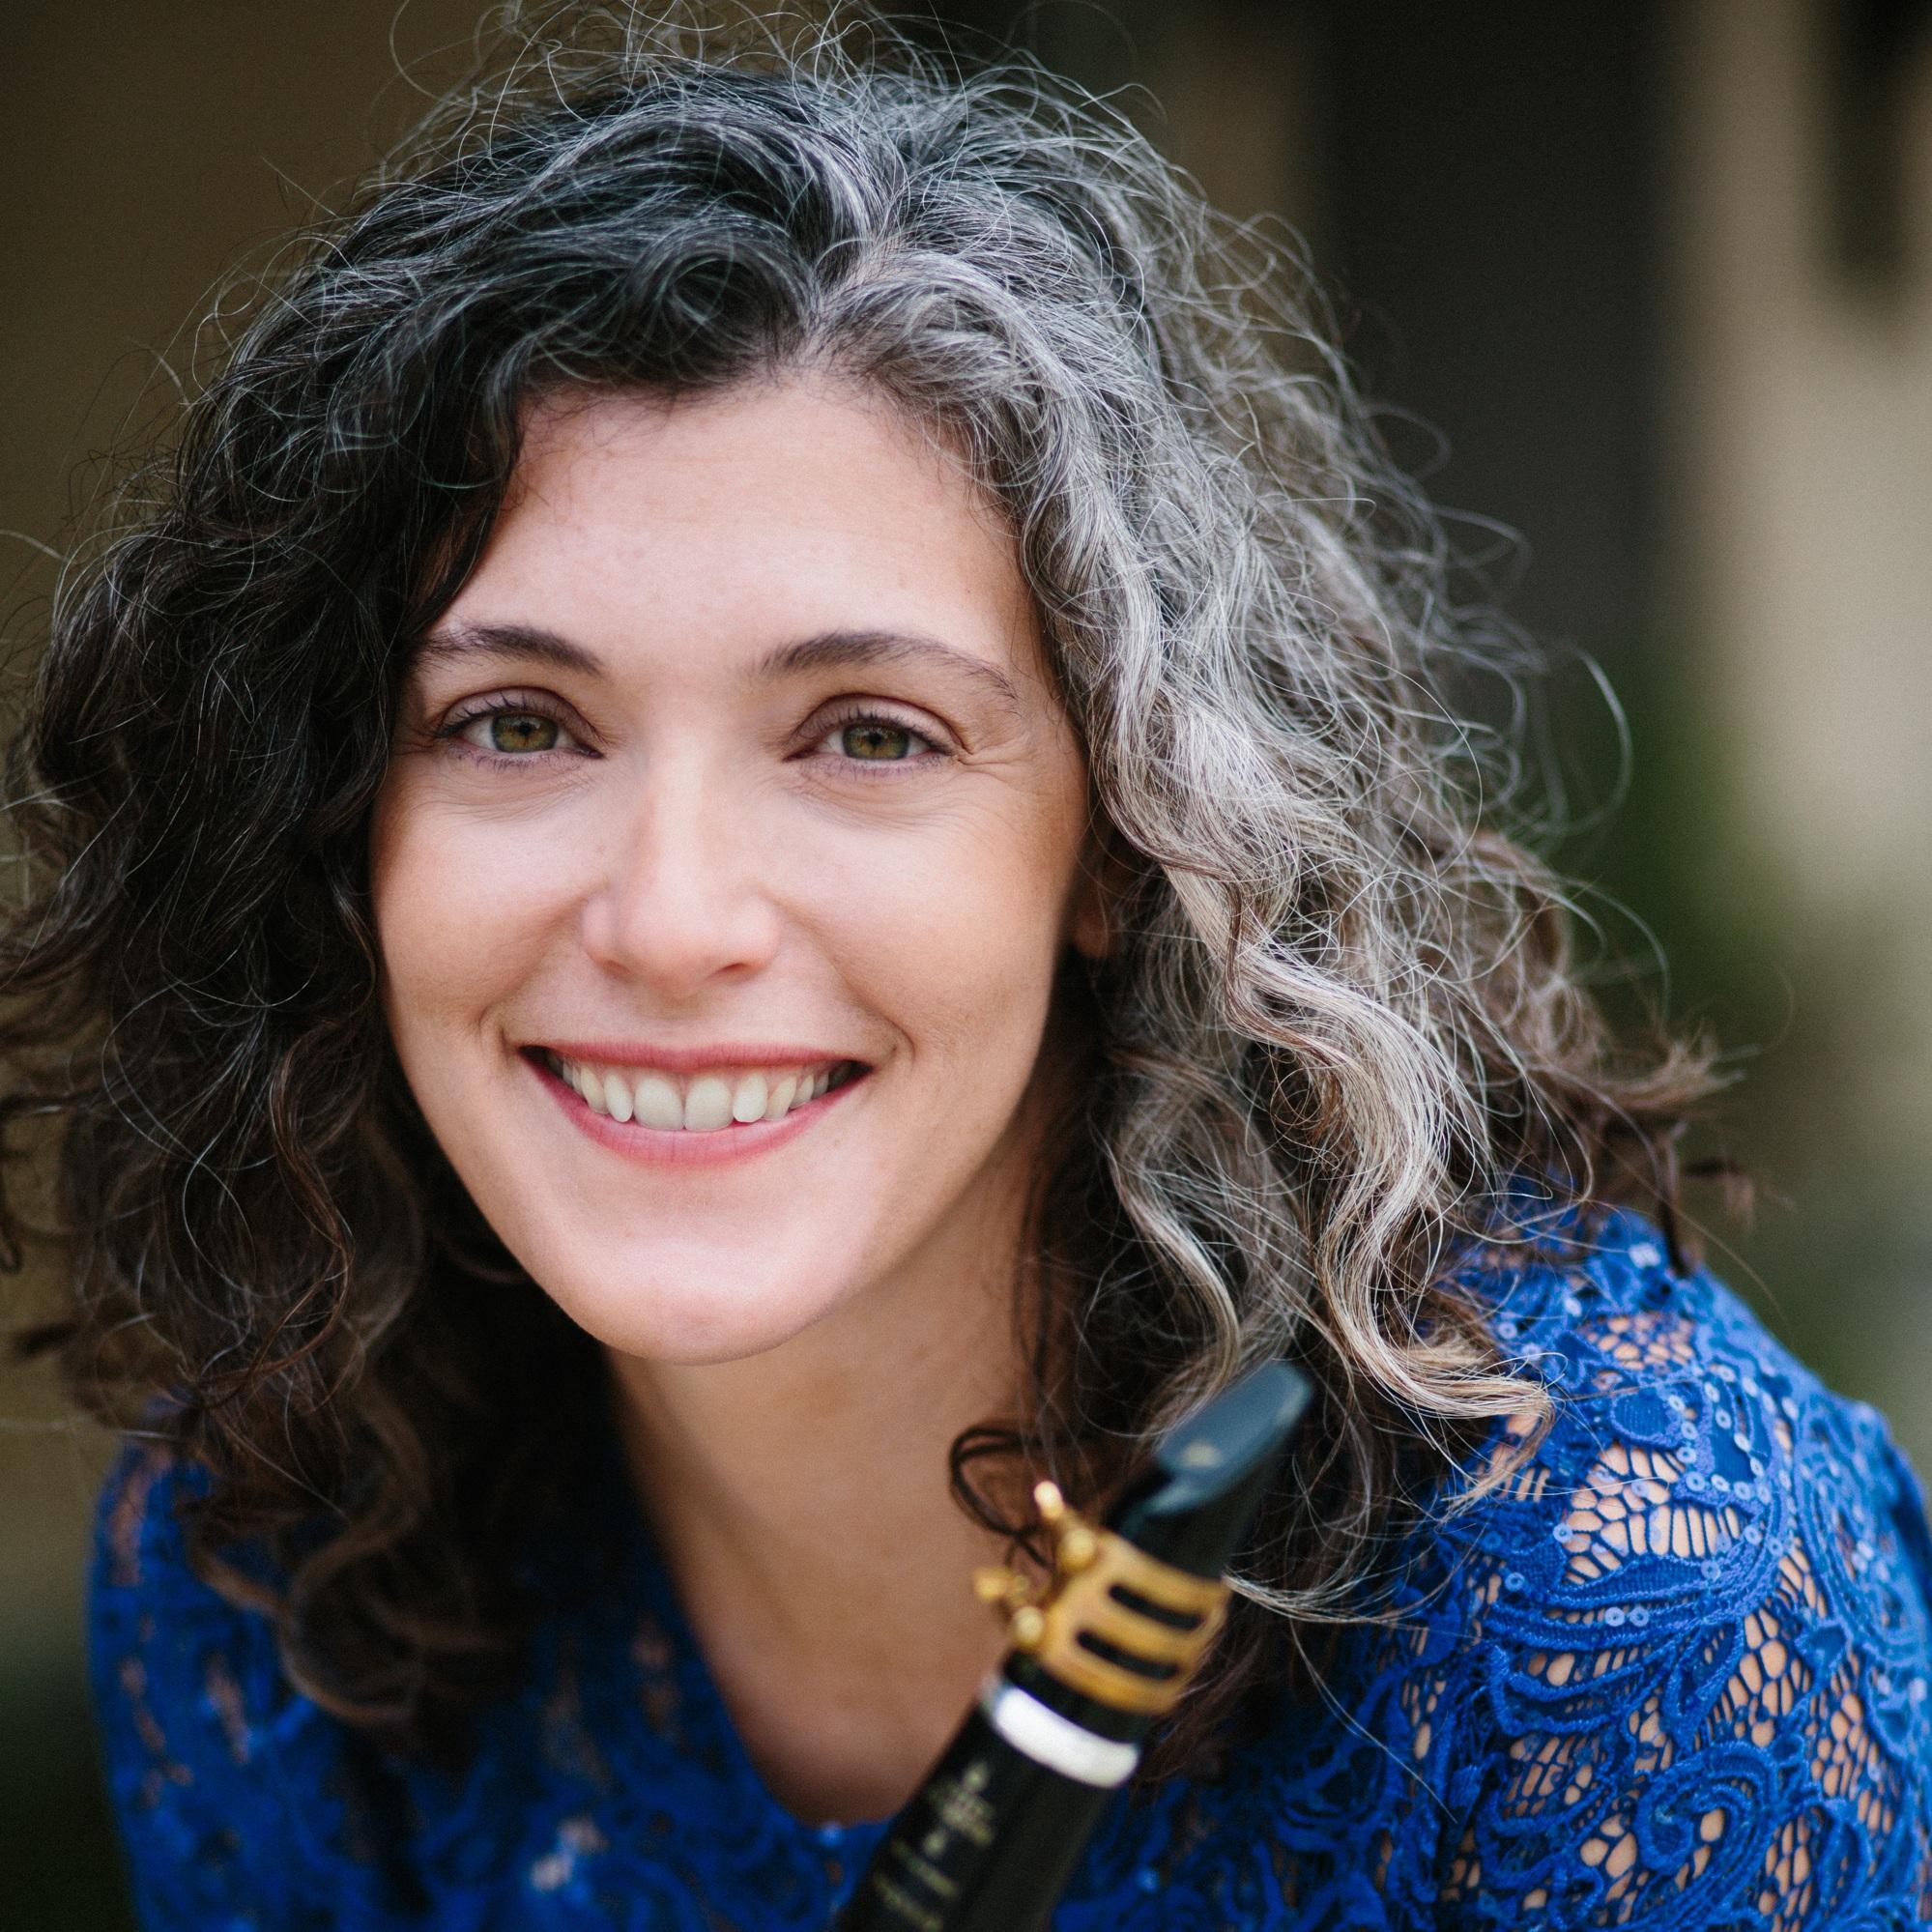 Erin Finkelstein, Clarinet